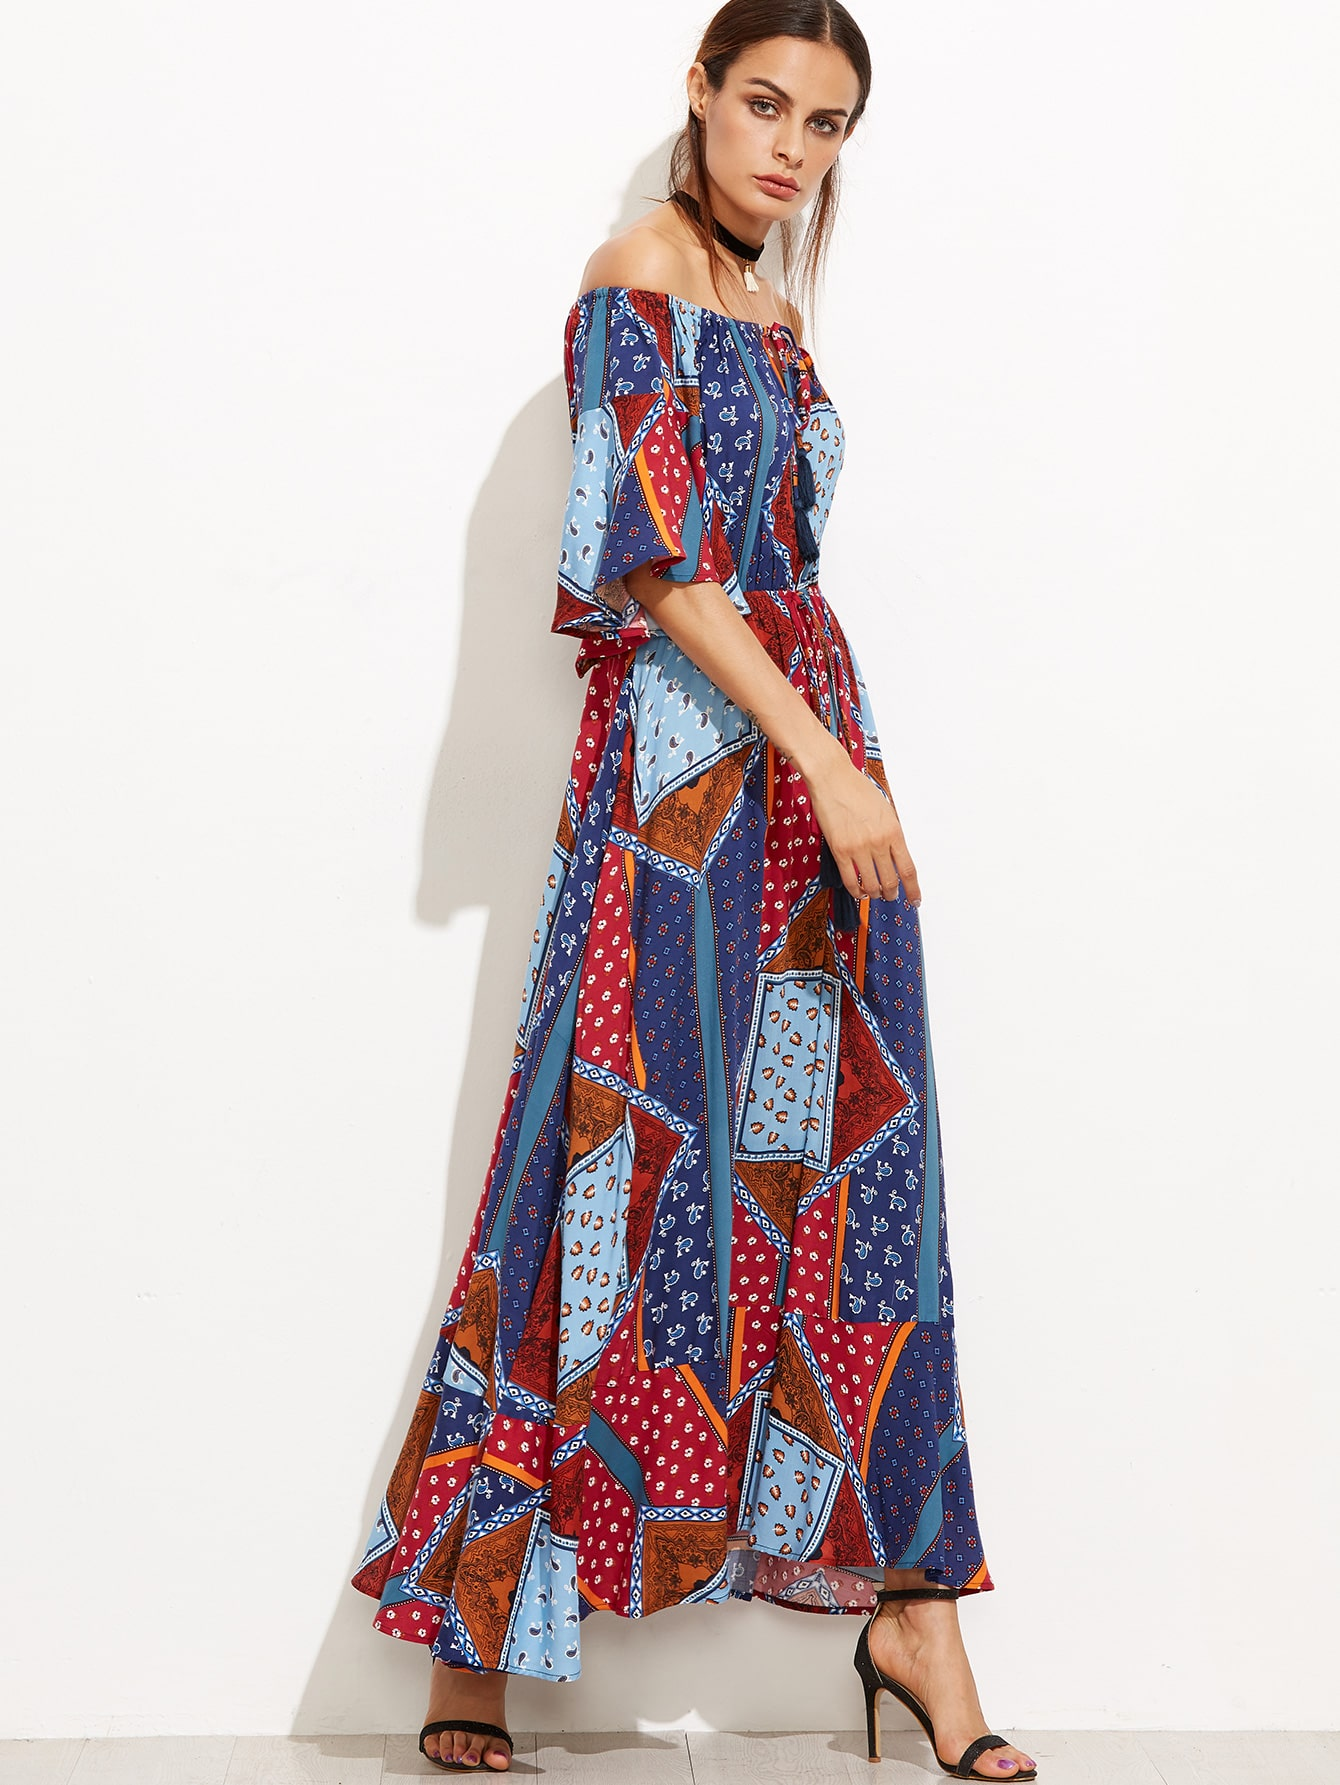 dress160902472_2